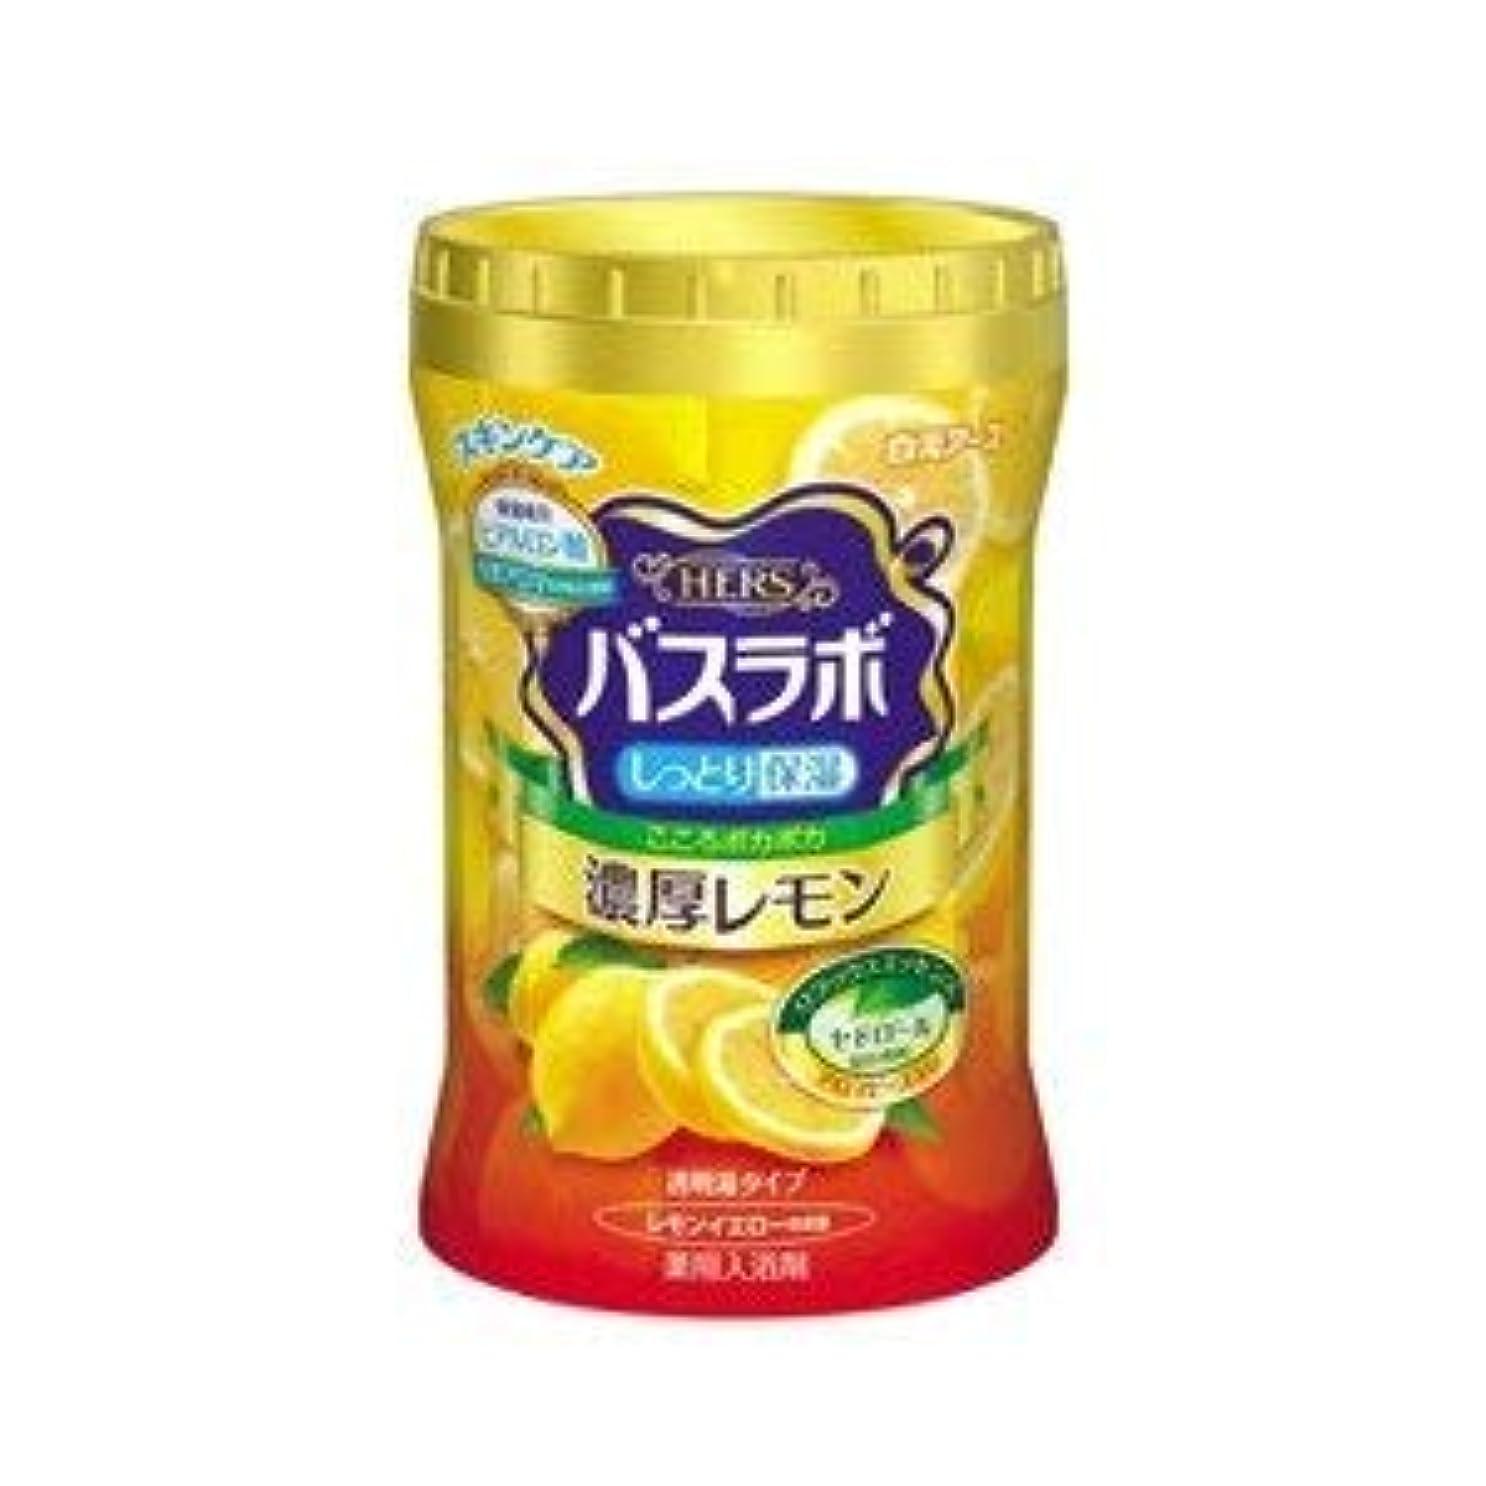 王室試してみる火山のバスラボボトル濃厚レモン640g